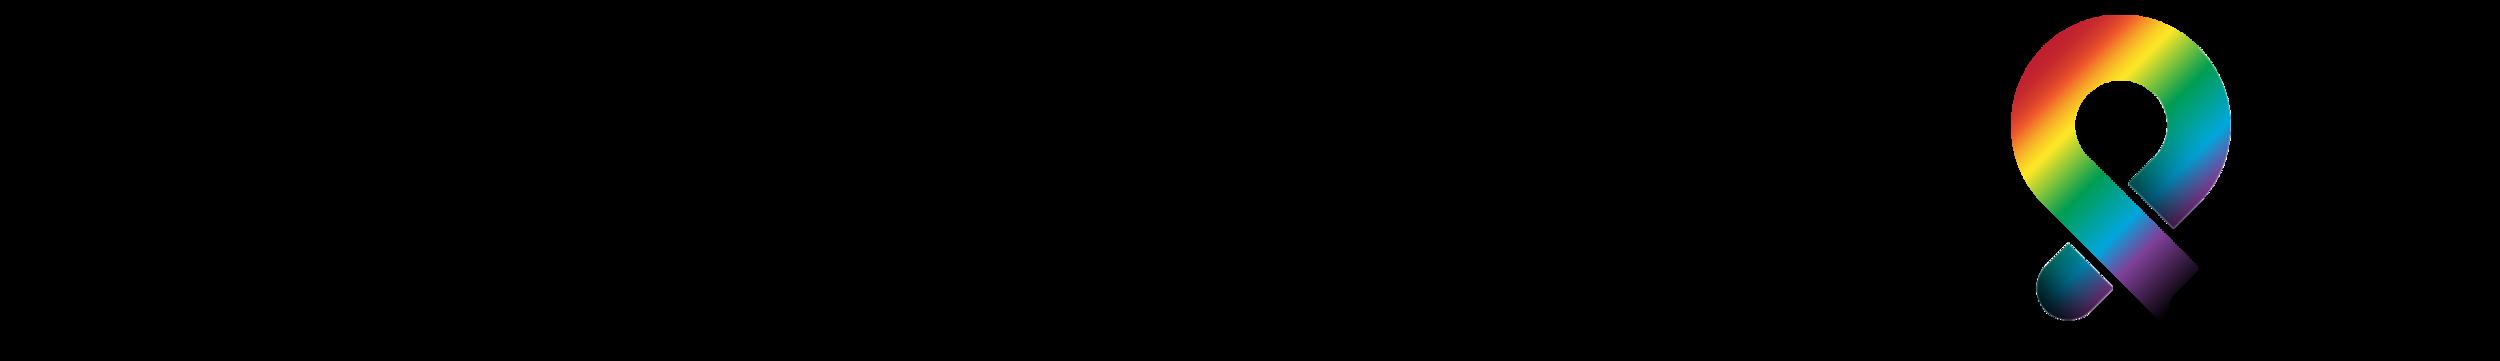 priderunto_PRF_logo_RGB_01-clear.png